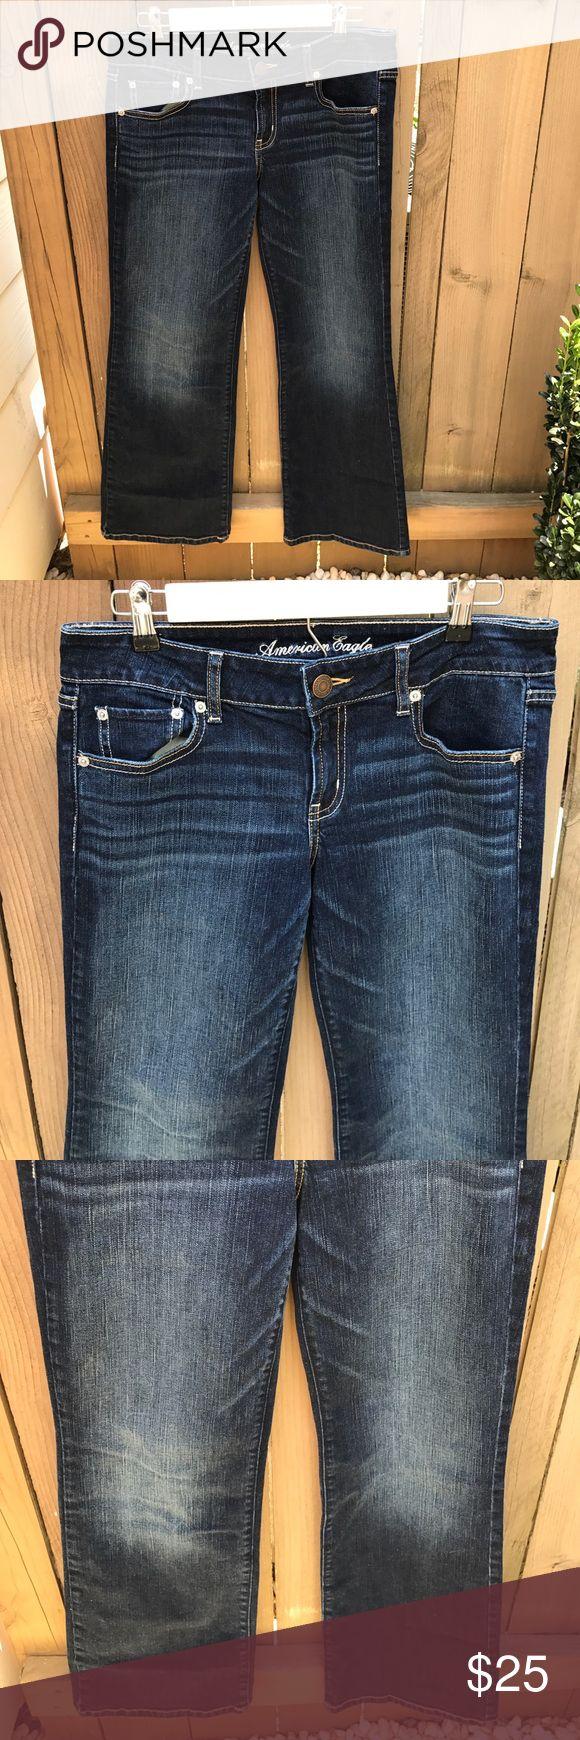 American Eagle favorite boyfriend jeans American Eagle favorite boyfriend jeans size 10 short: waist 15 in across, inseam 29 in American Eagle Outfitters Jeans Boyfriend